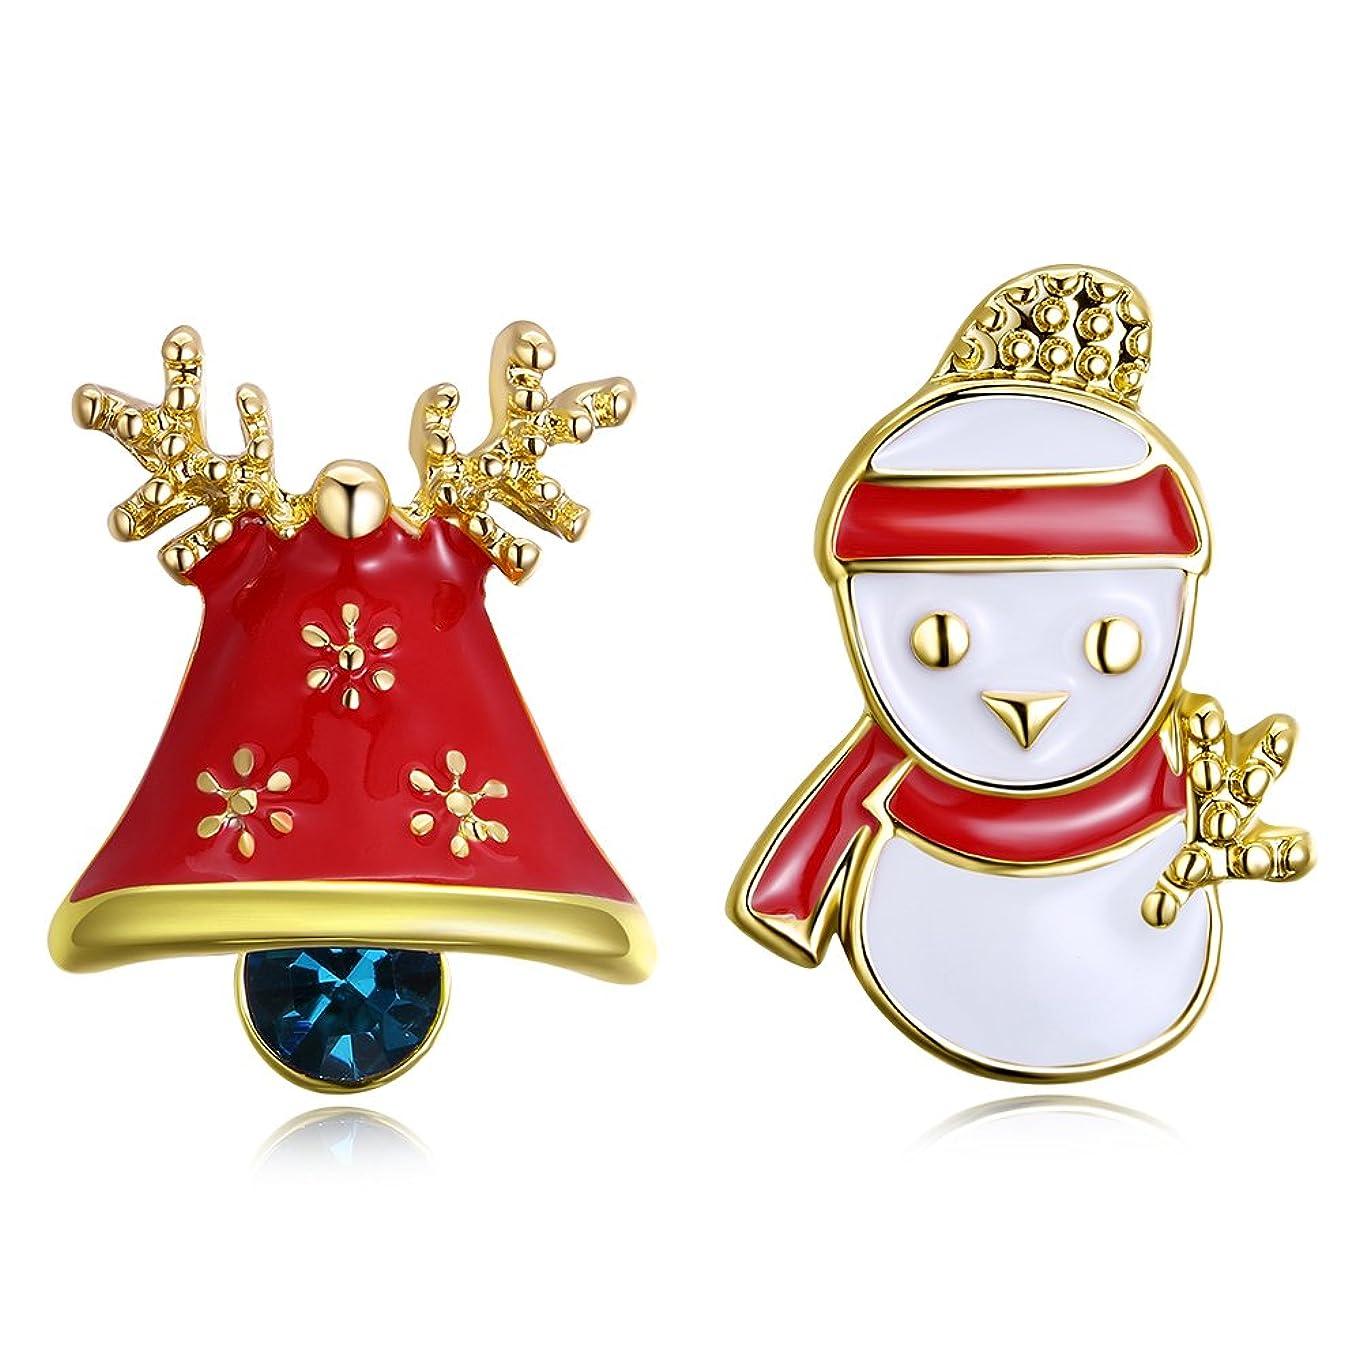 サスペンド解明する共和党可愛い雪のイヤリング イヤリング クリスマスのプレゼント 気質 きれい アクセサリー